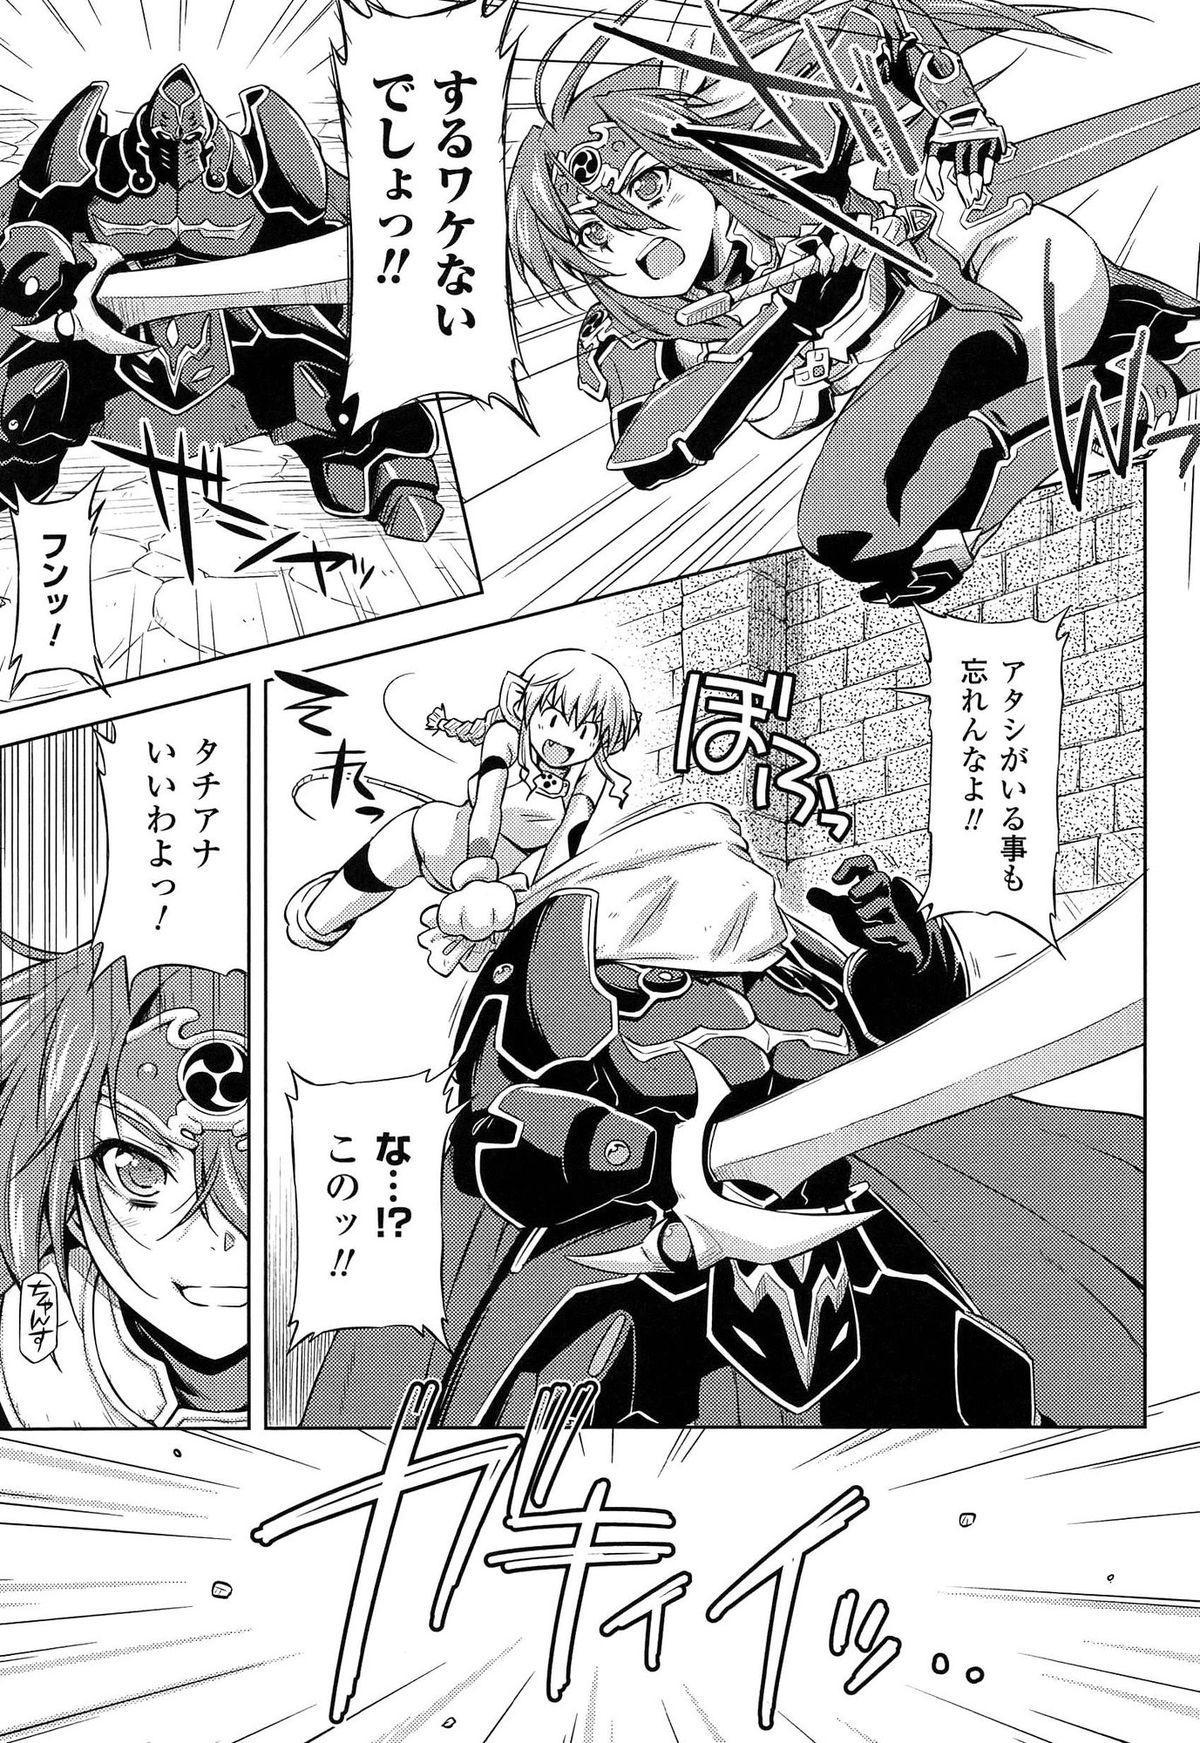 [kazuma muramasa, ZyX] Ikazuchi no Senshi Raidy ~Haja no Raikou~ THE COMIC 168